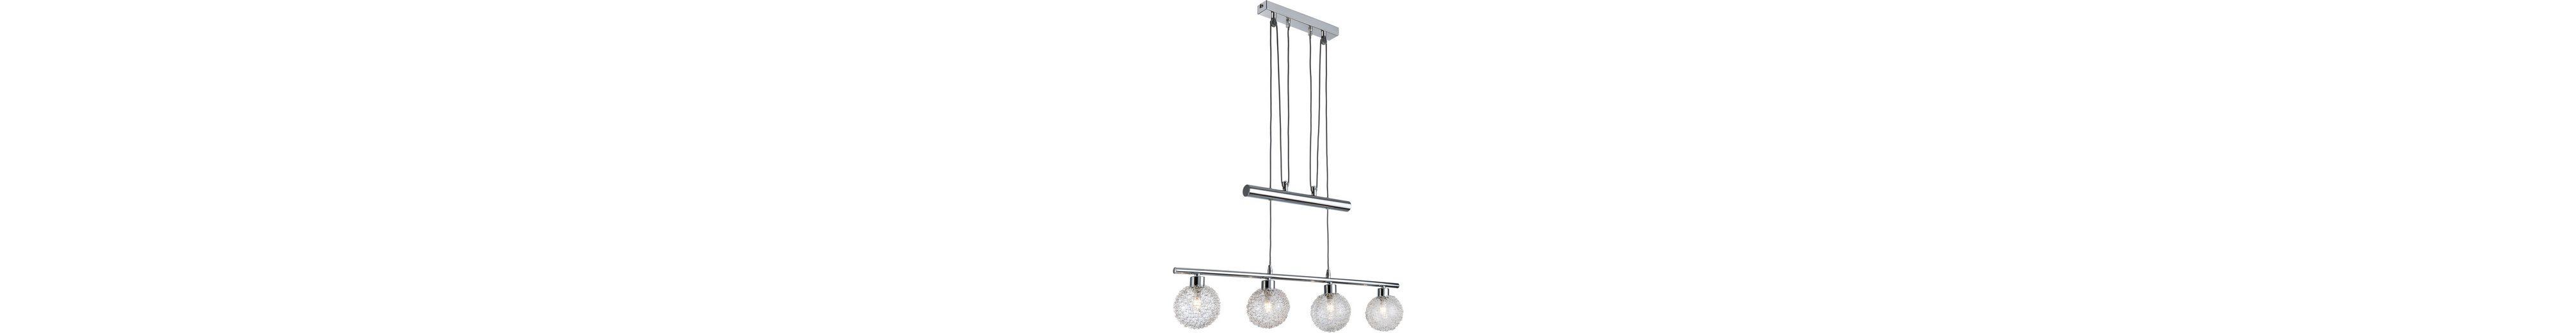 Nino LED-Pendelleuchte, 4flg., »RYDER«